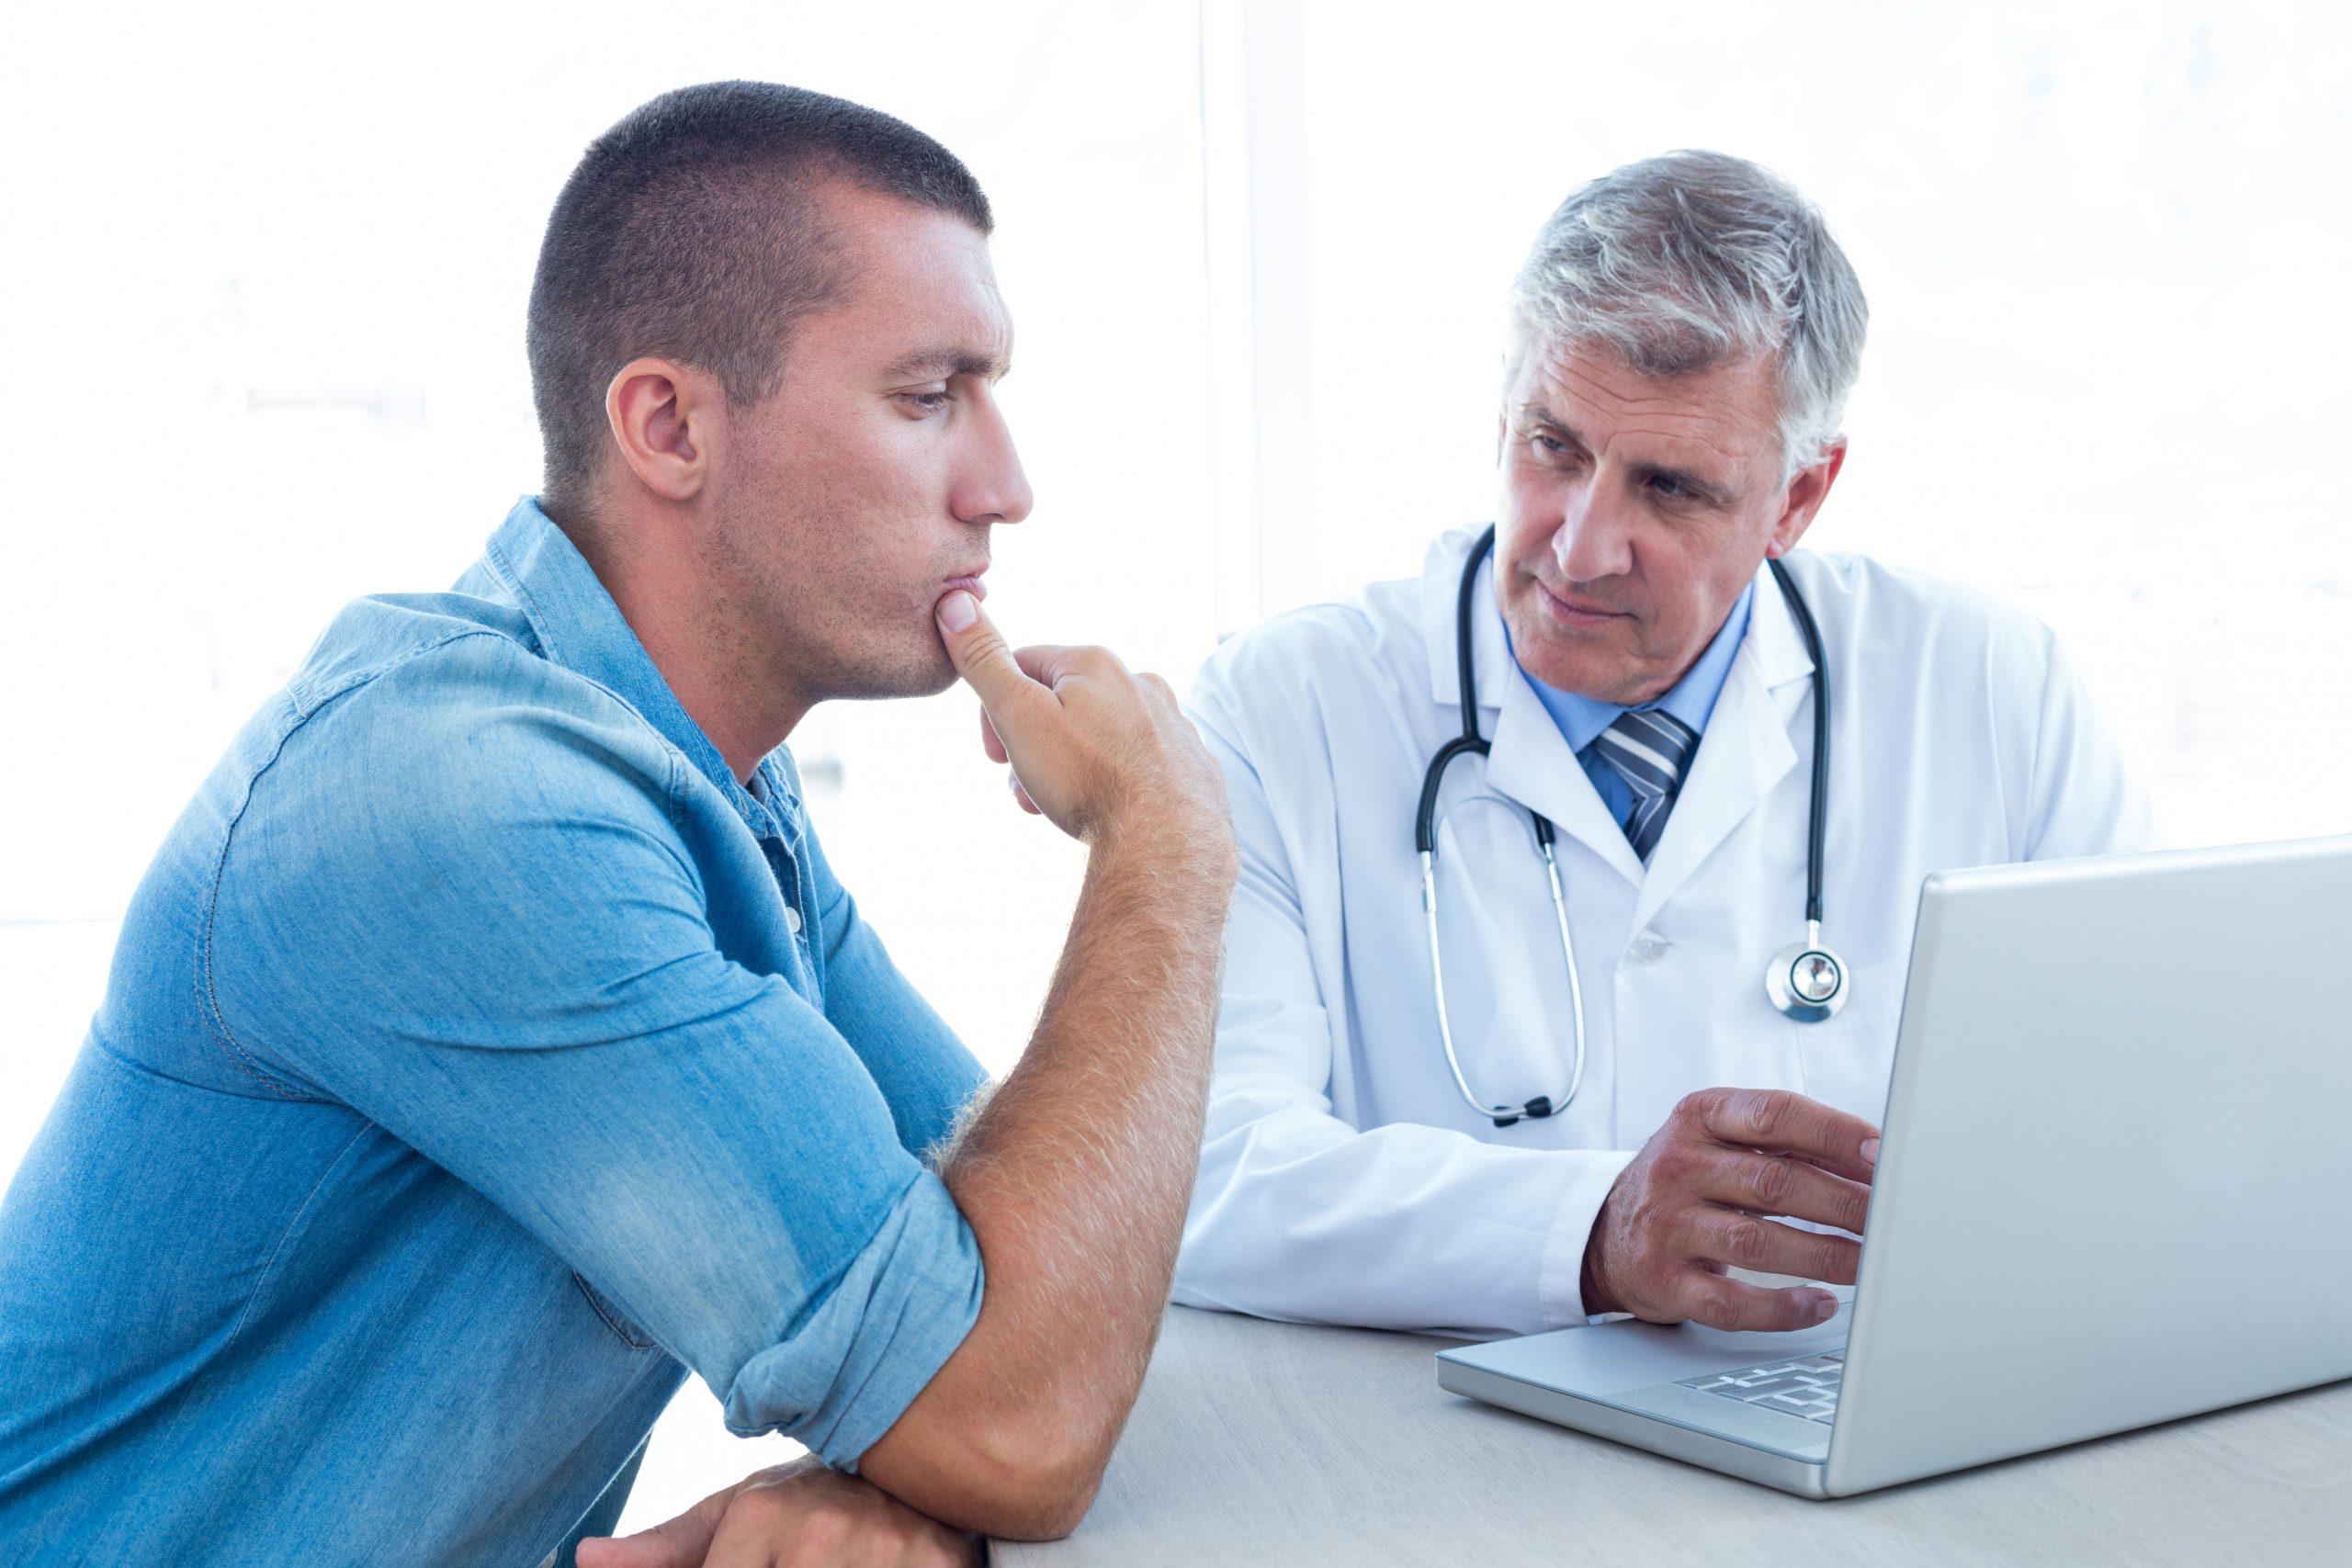 a condyloma betegség a húgycsőben lévő szemölcsökről találtak